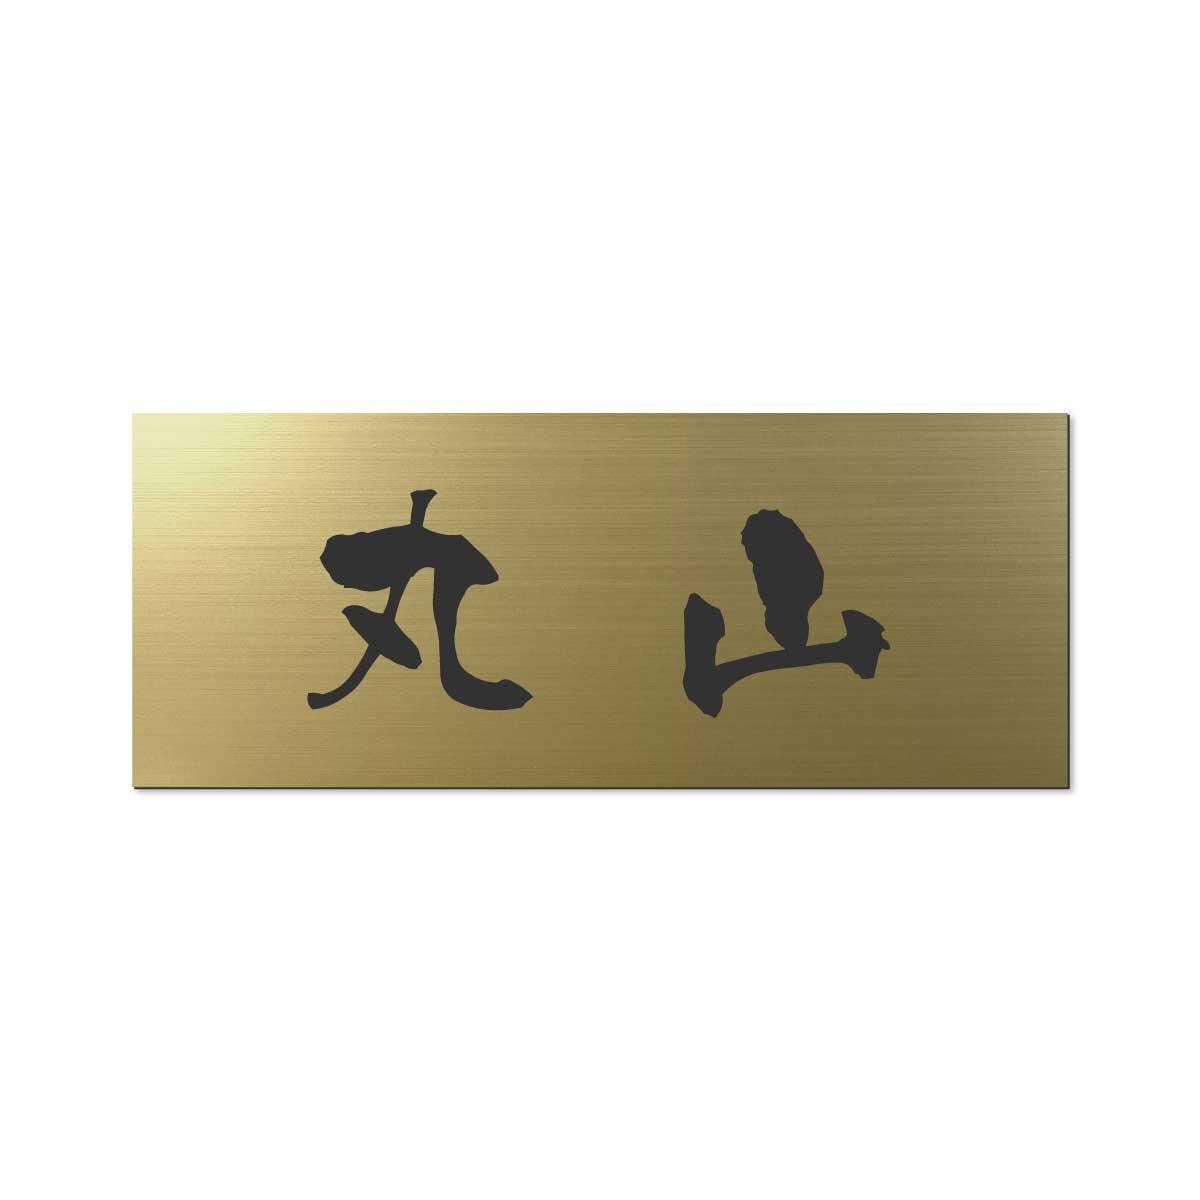 丸三タカギ 彫り込み済表札 アクリル APY2-G-1-3-丸山 【完成品】   B01E86AWTU